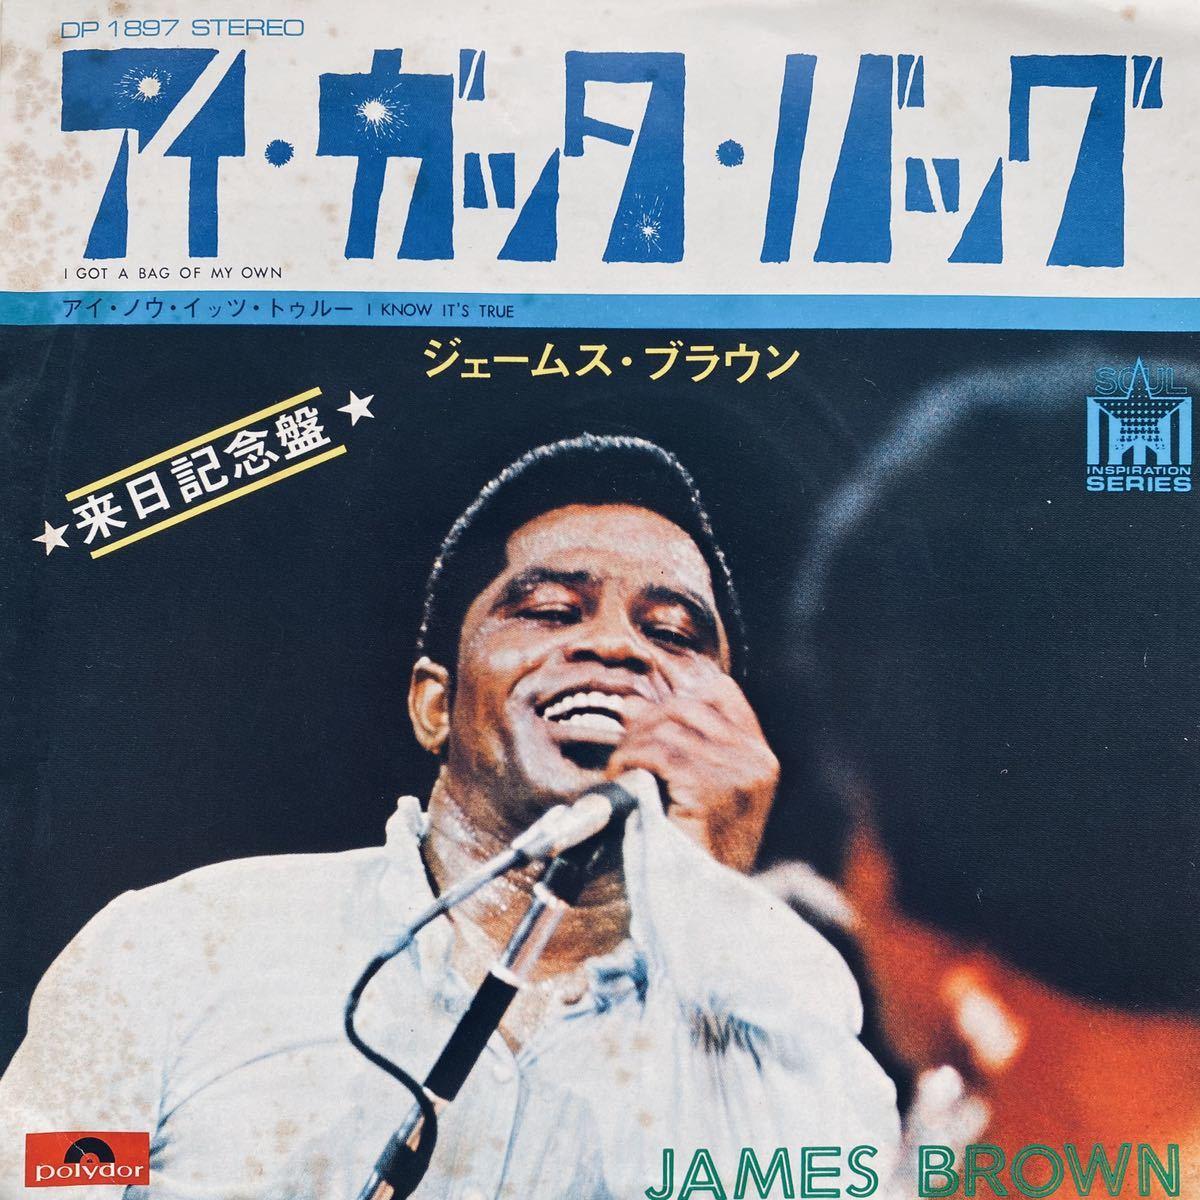 国内見本盤白ラベルEP / ジェームス・ブラウン - アイ・ガッタ・バッグ / DP-1897 / JAMES BROWN プロモ 非売品 サンプル_画像1